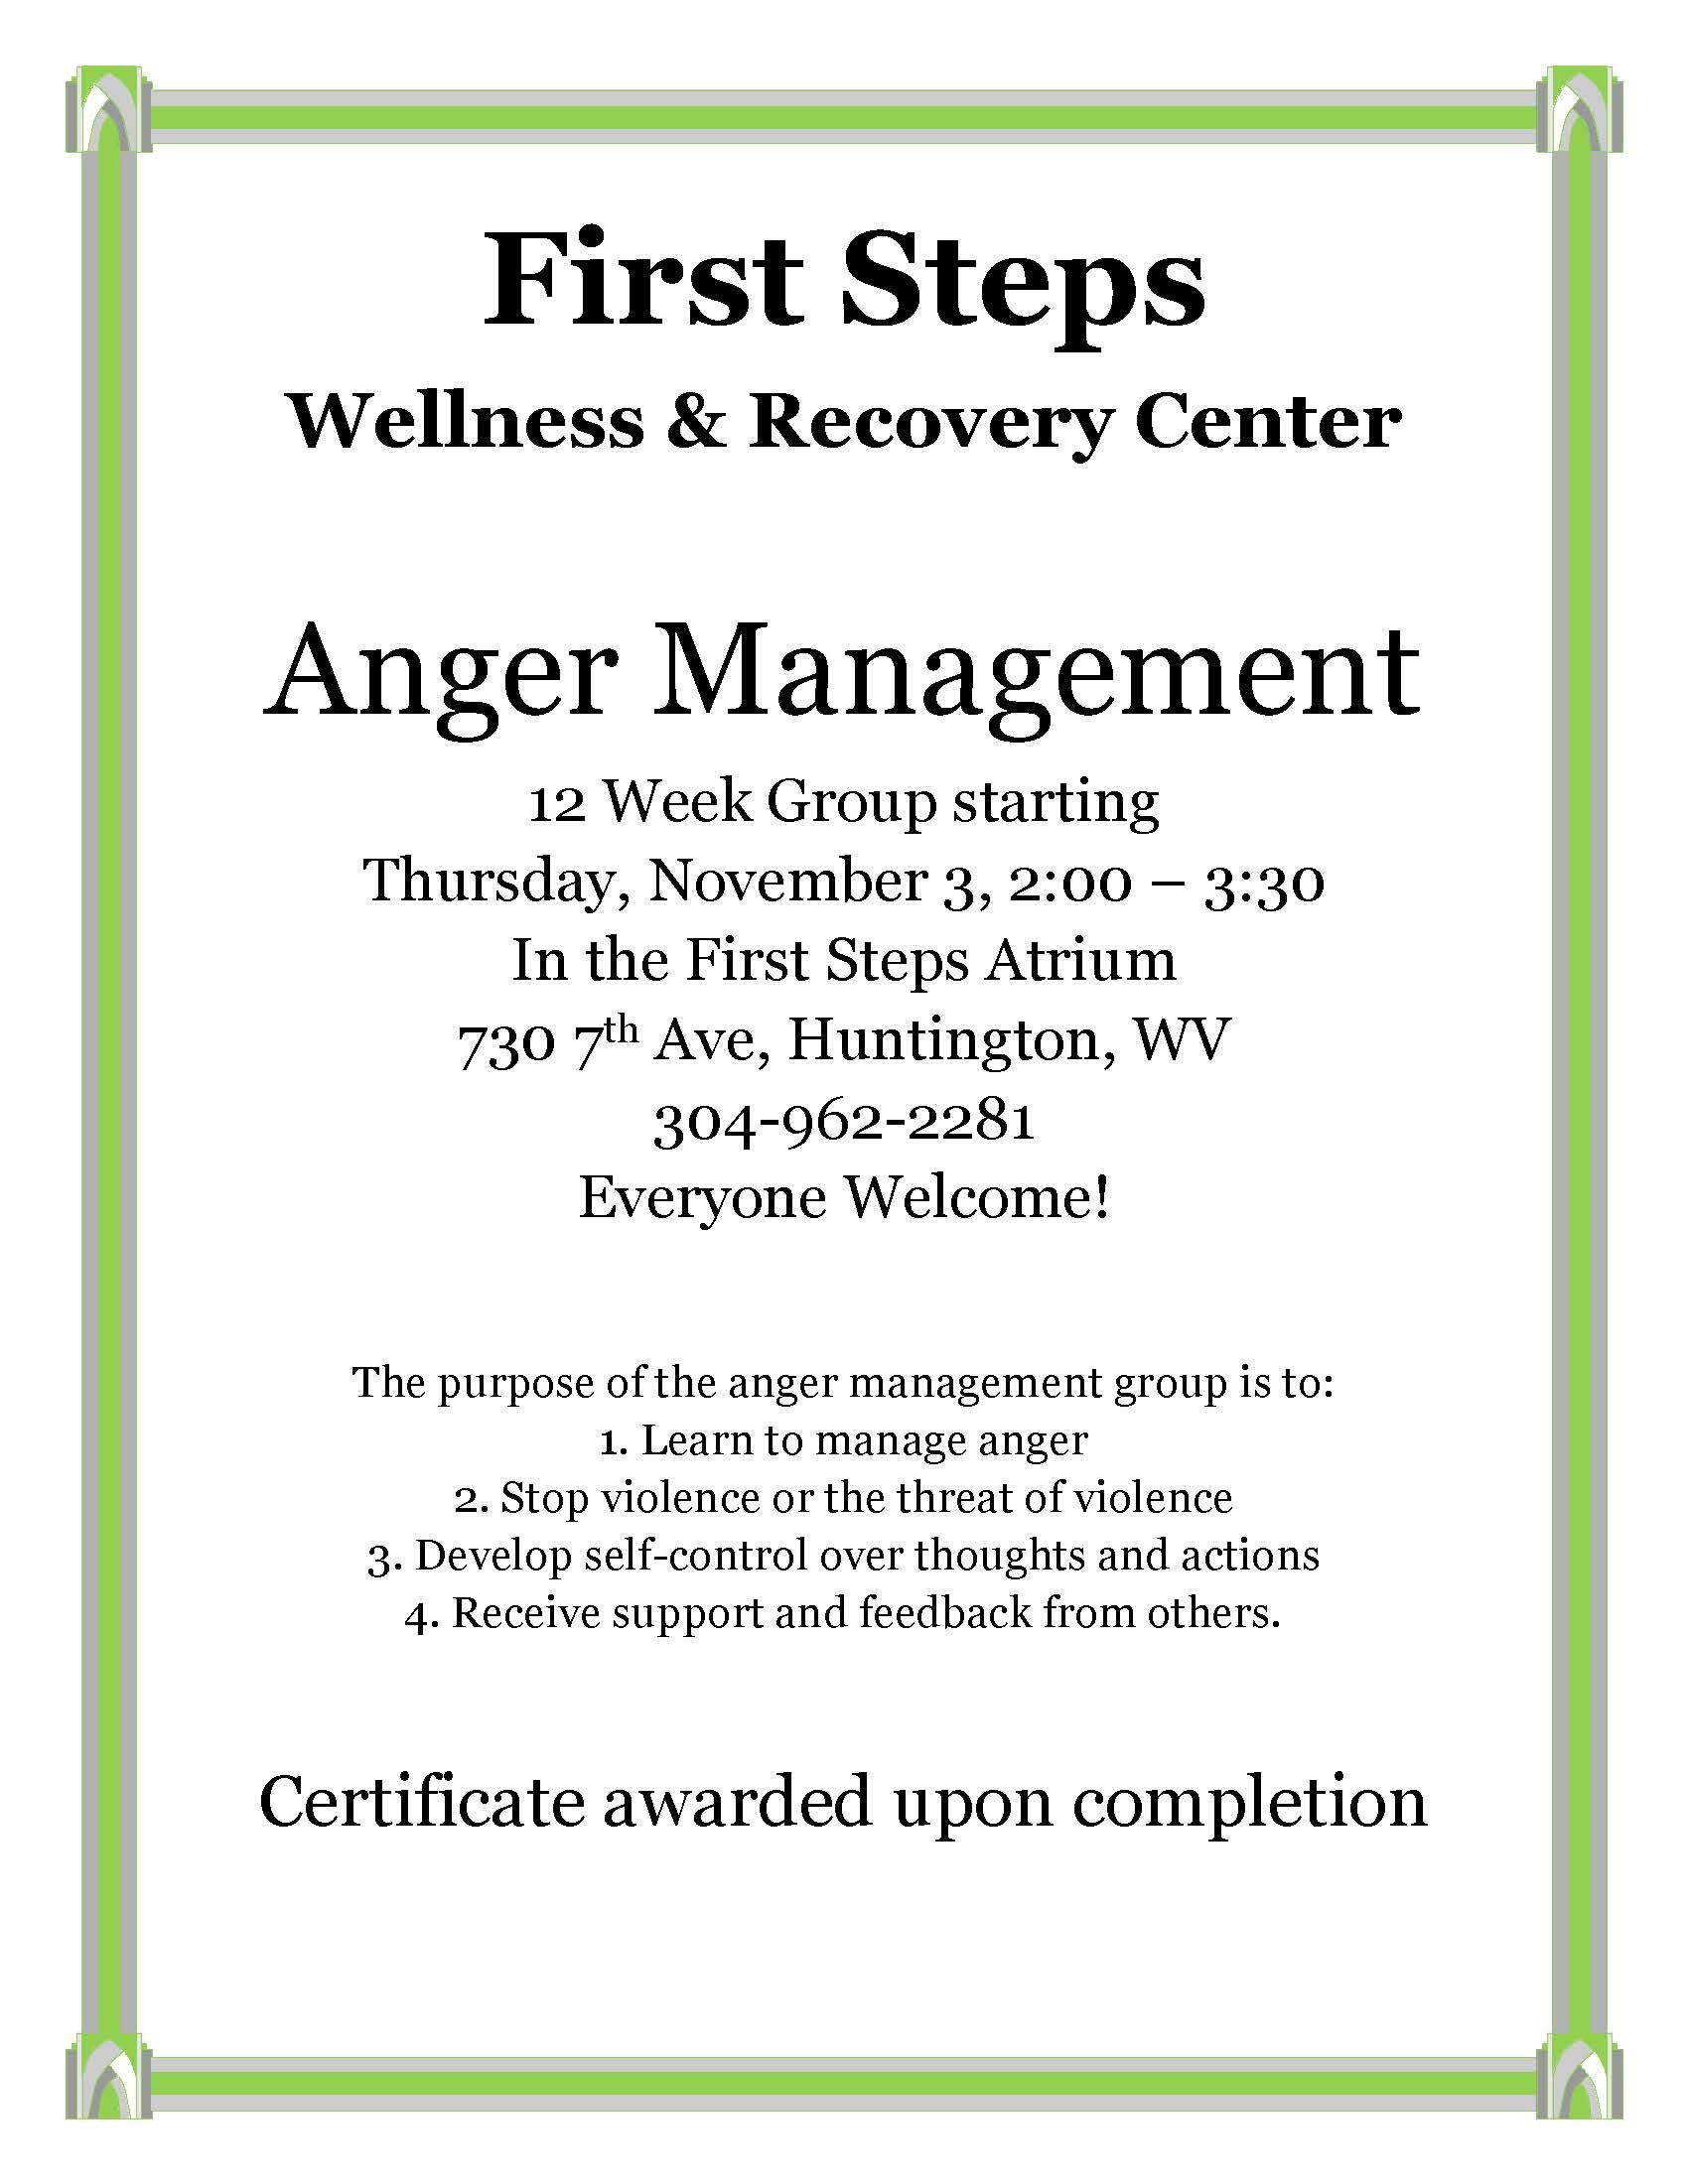 anger-management-flyer-1-jpeg